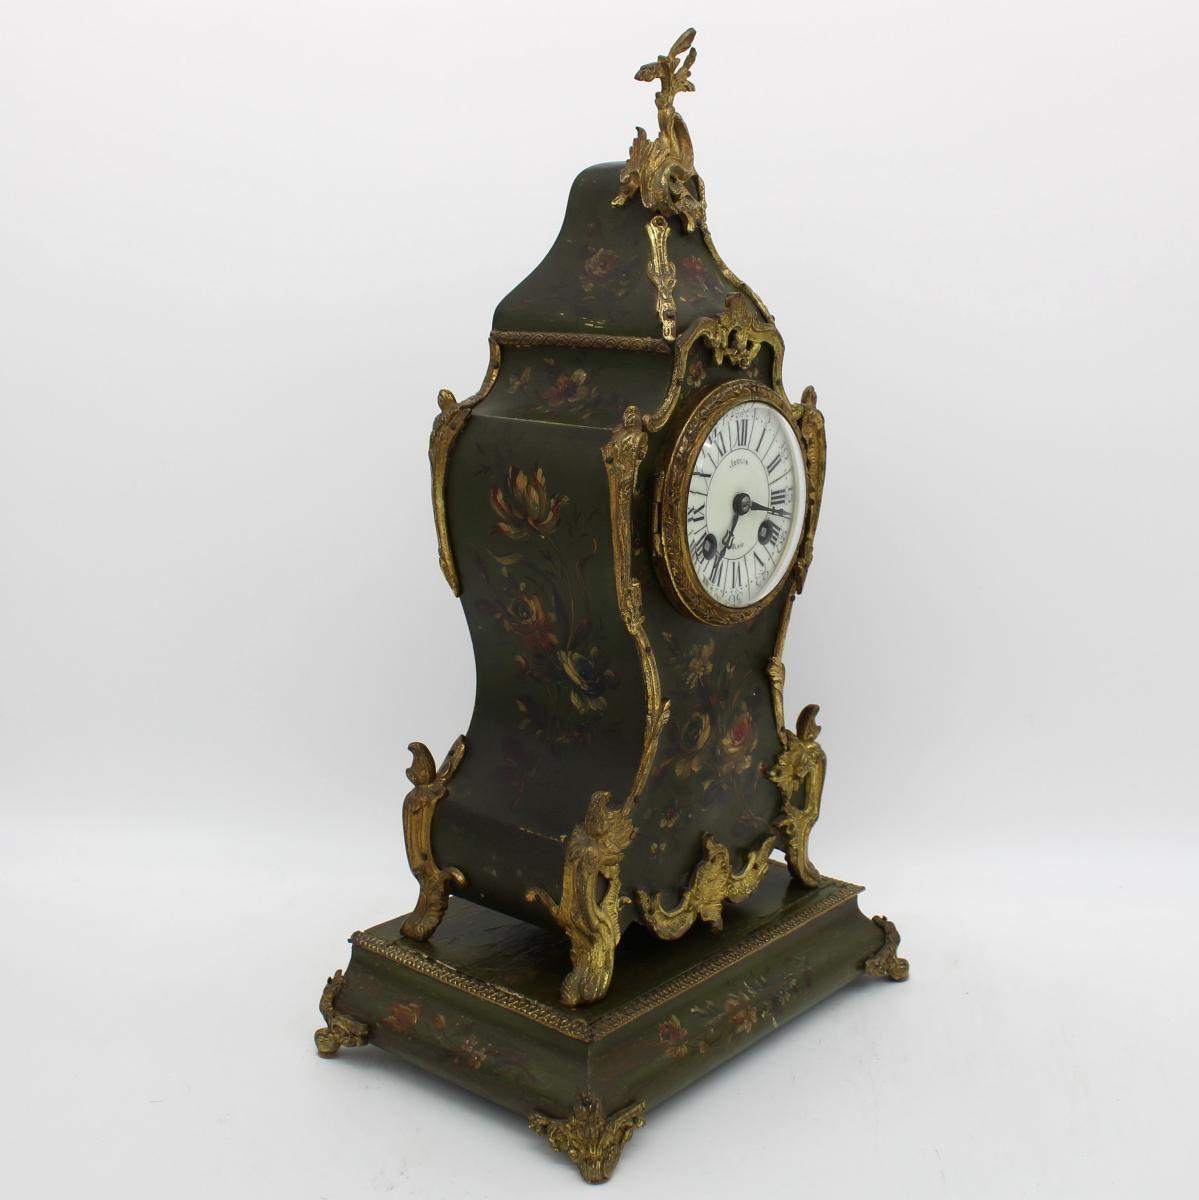 Ancien Horloge Pendule D Epoque Napoleon Iii Du 19eme Siecle Pendules Anciennes Pendule Horloge Pendule Ancienne Horloge